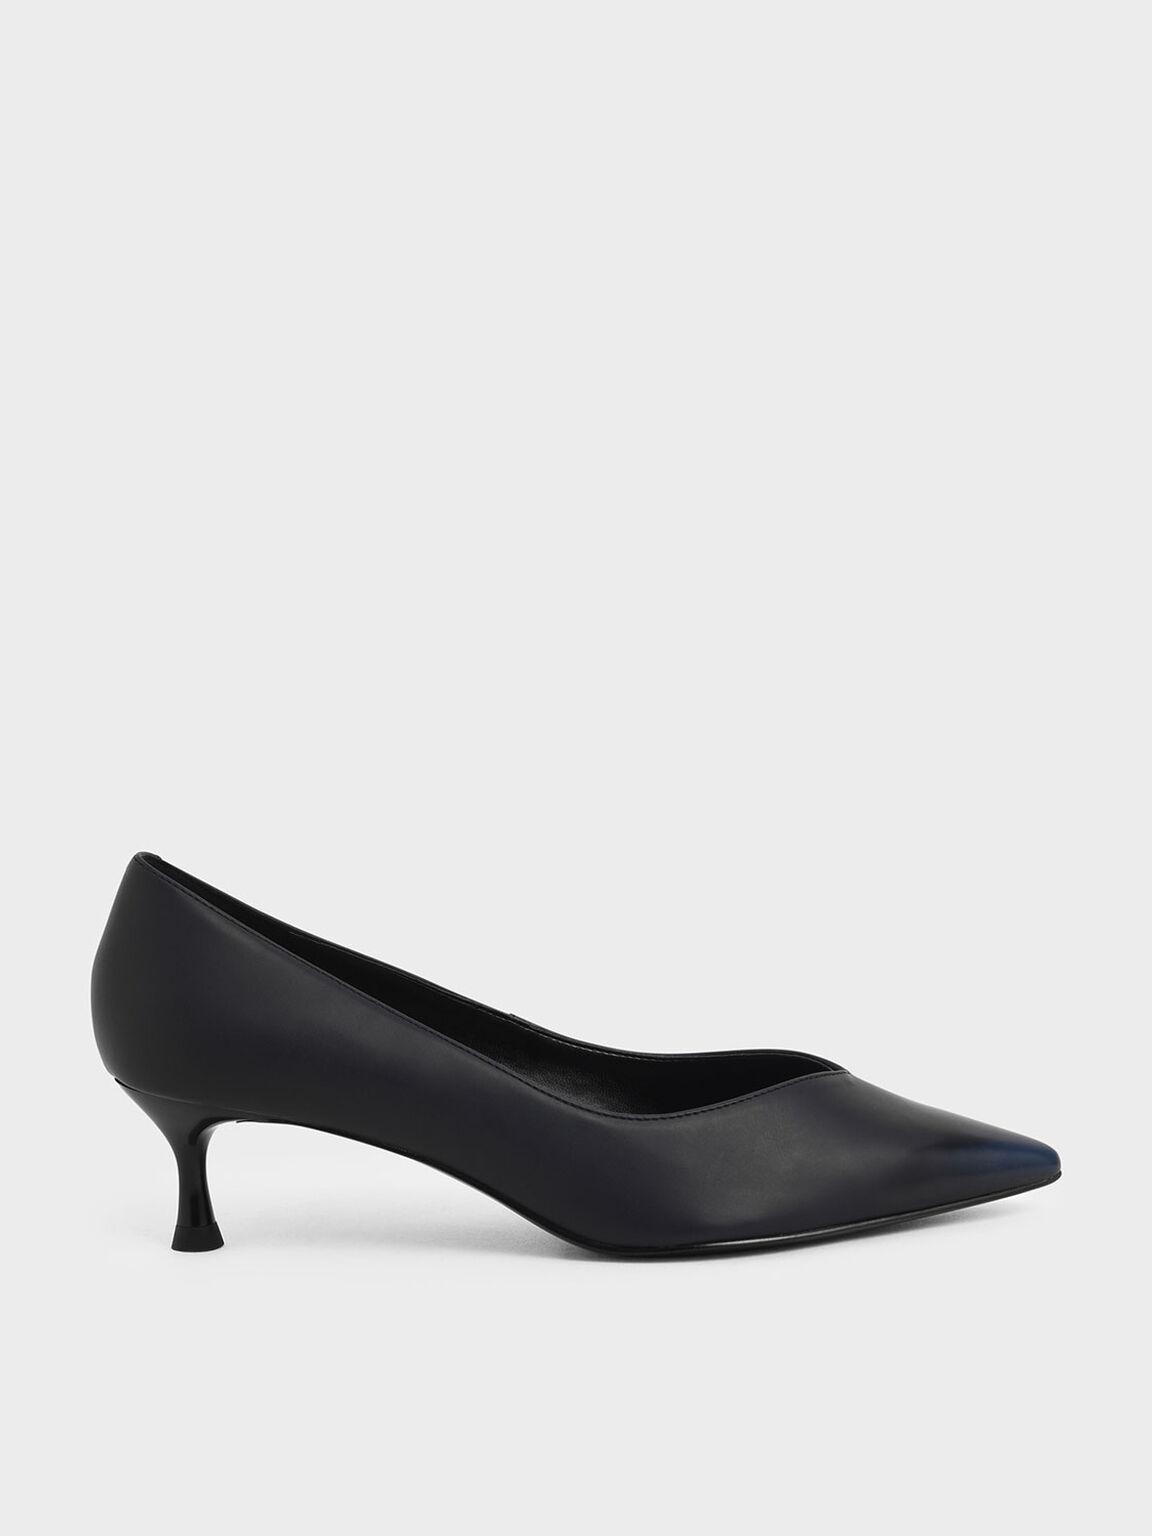 Brushed Effect Sculptural Heel Pumps, Black, hi-res